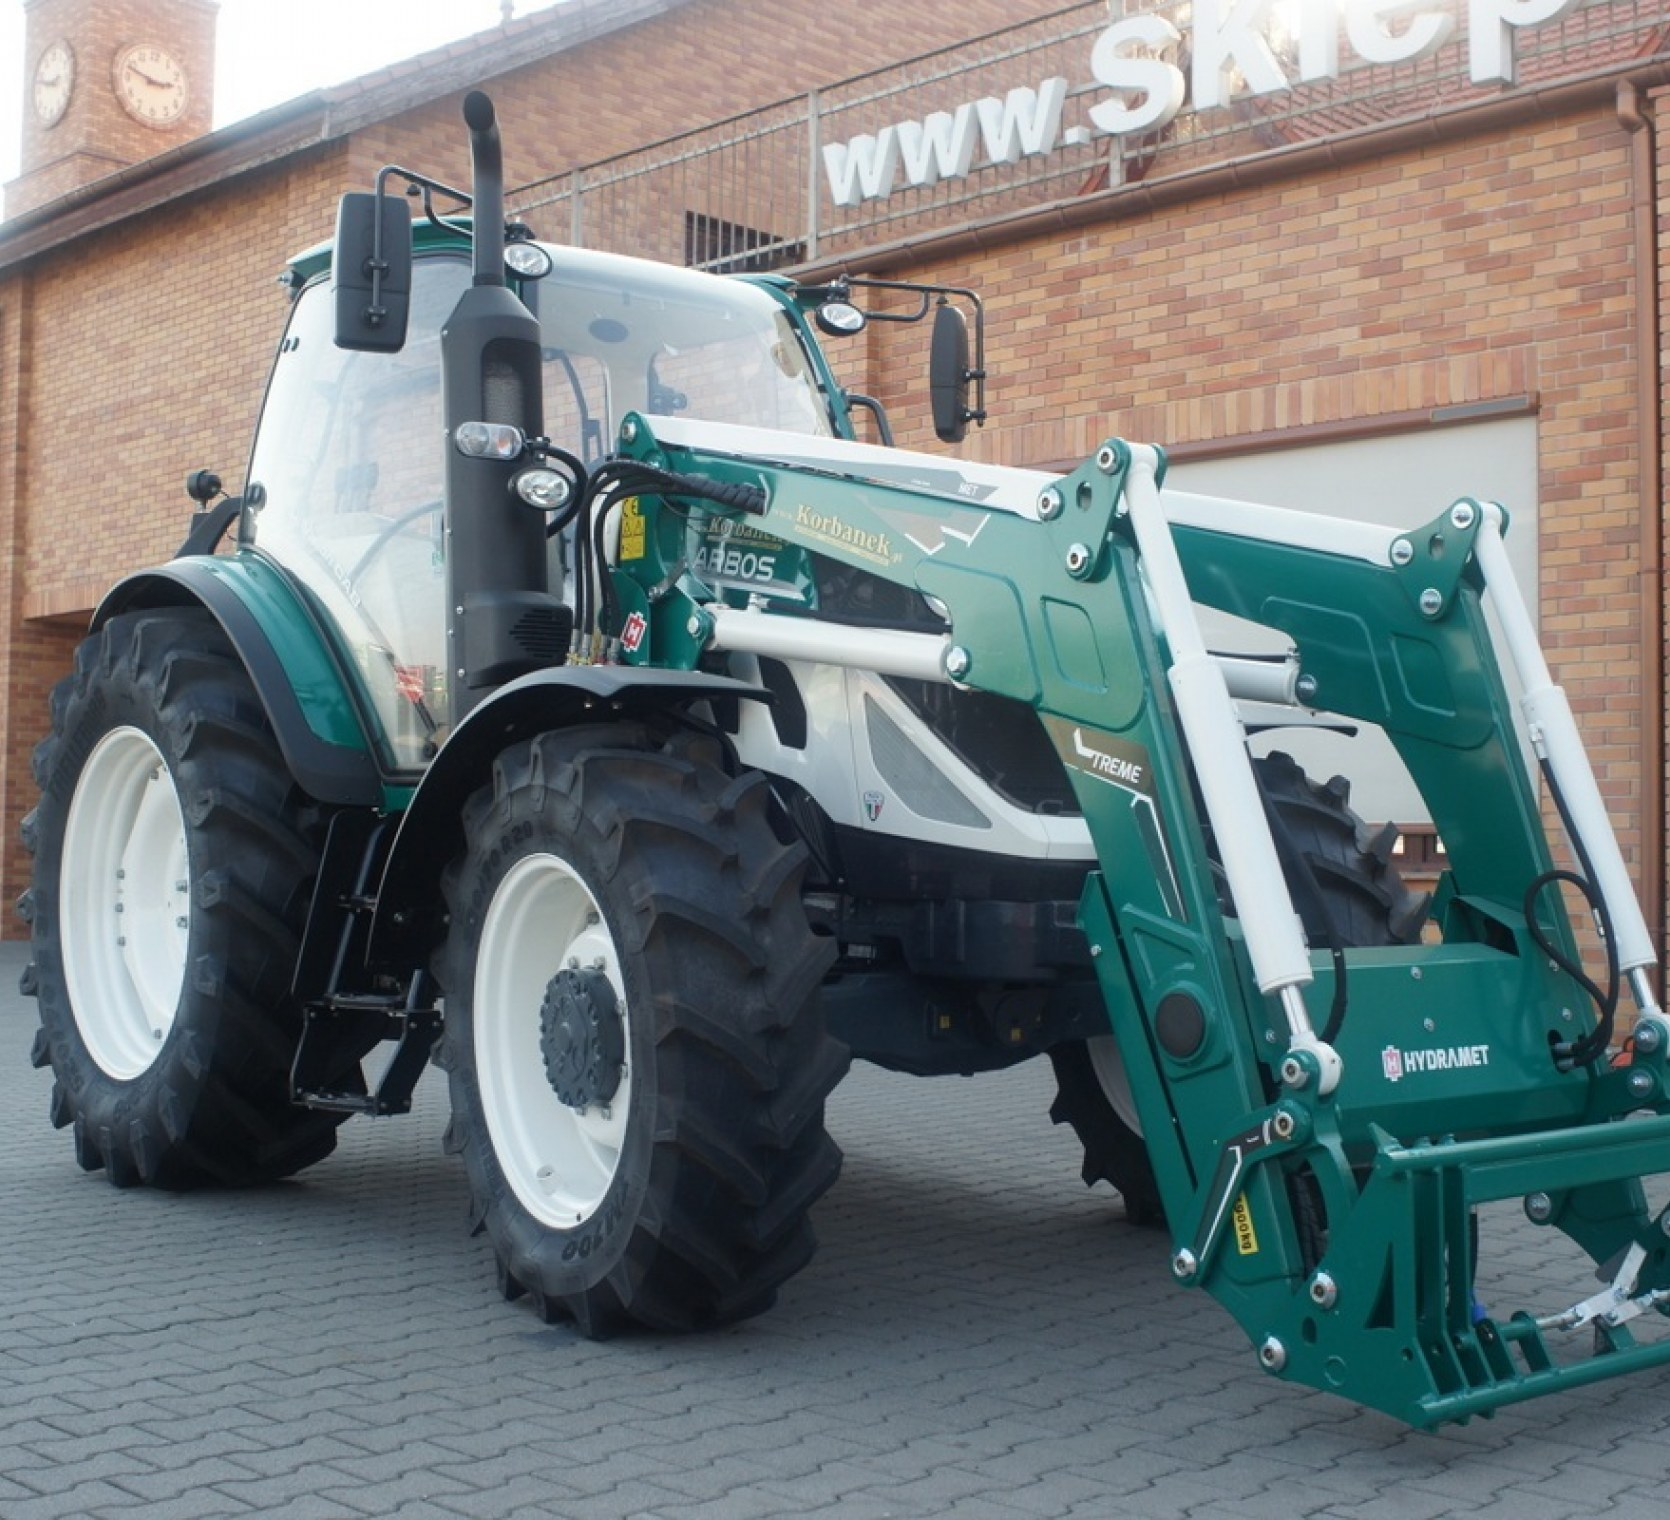 traktor arbos pokazany z profilu z zamontowanym ladowaczem